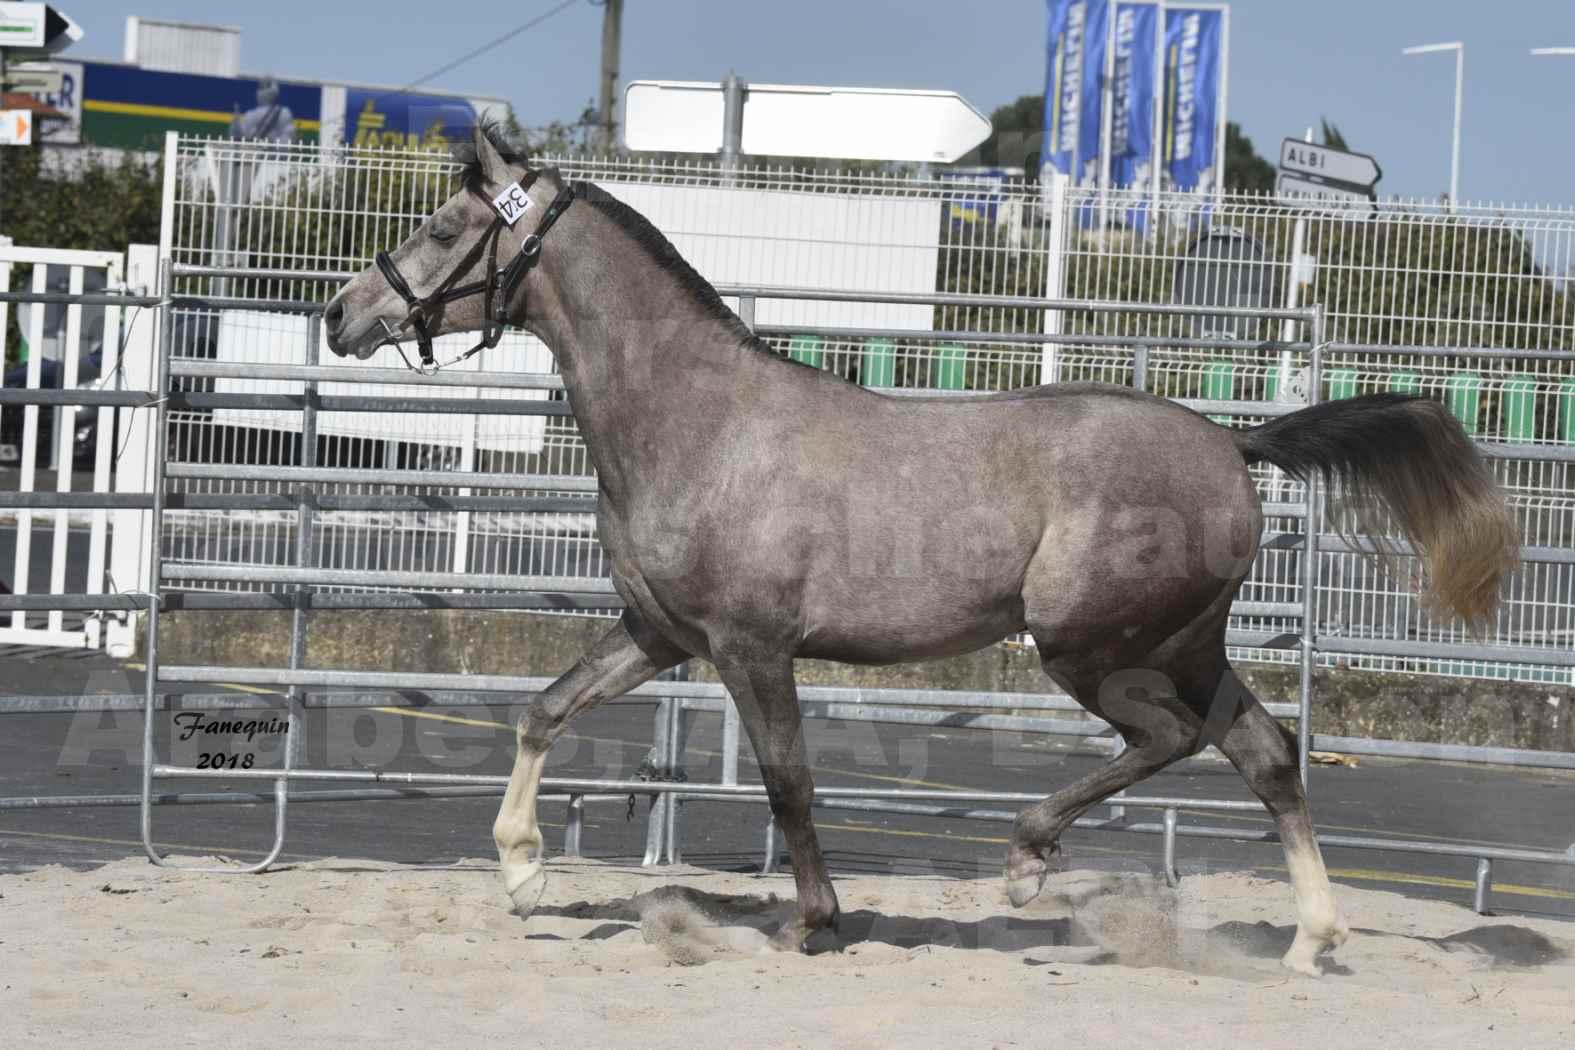 Concours d'élevage de Chevaux Arabes - D. S. A. - A. A. - ALBI les 6 & 7 Avril 2018 - GRIMM DE DARRA - Notre Sélection - 5